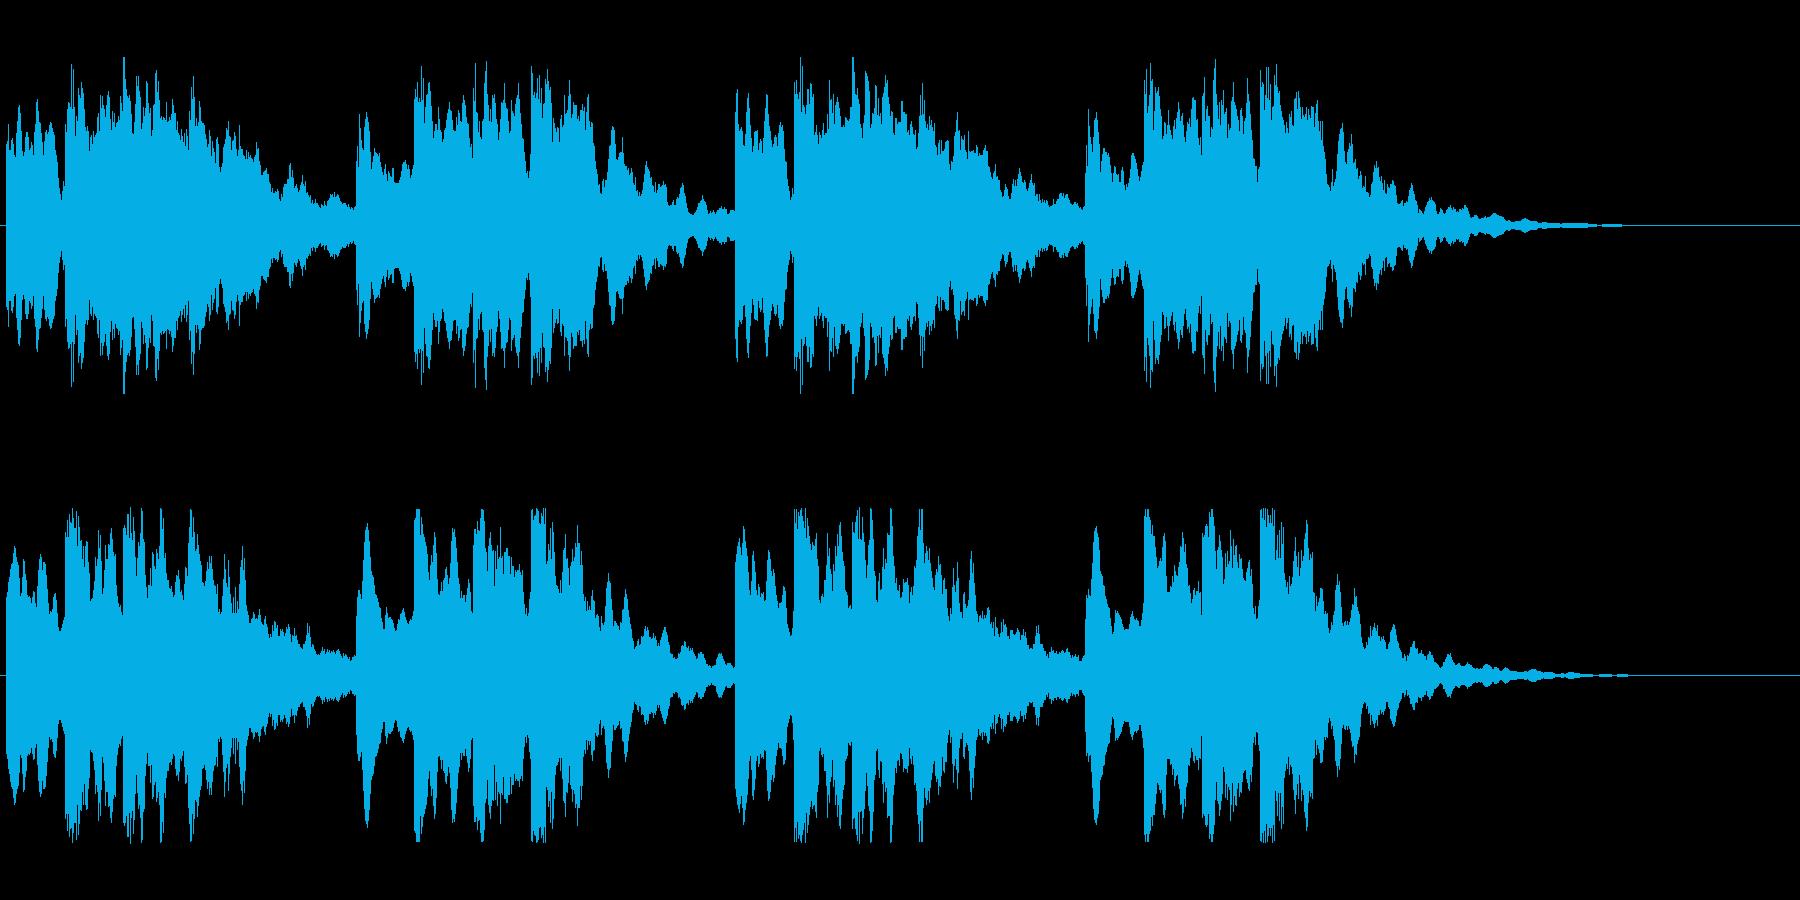 キーンコーンカーンコーン04(通常2回)の再生済みの波形